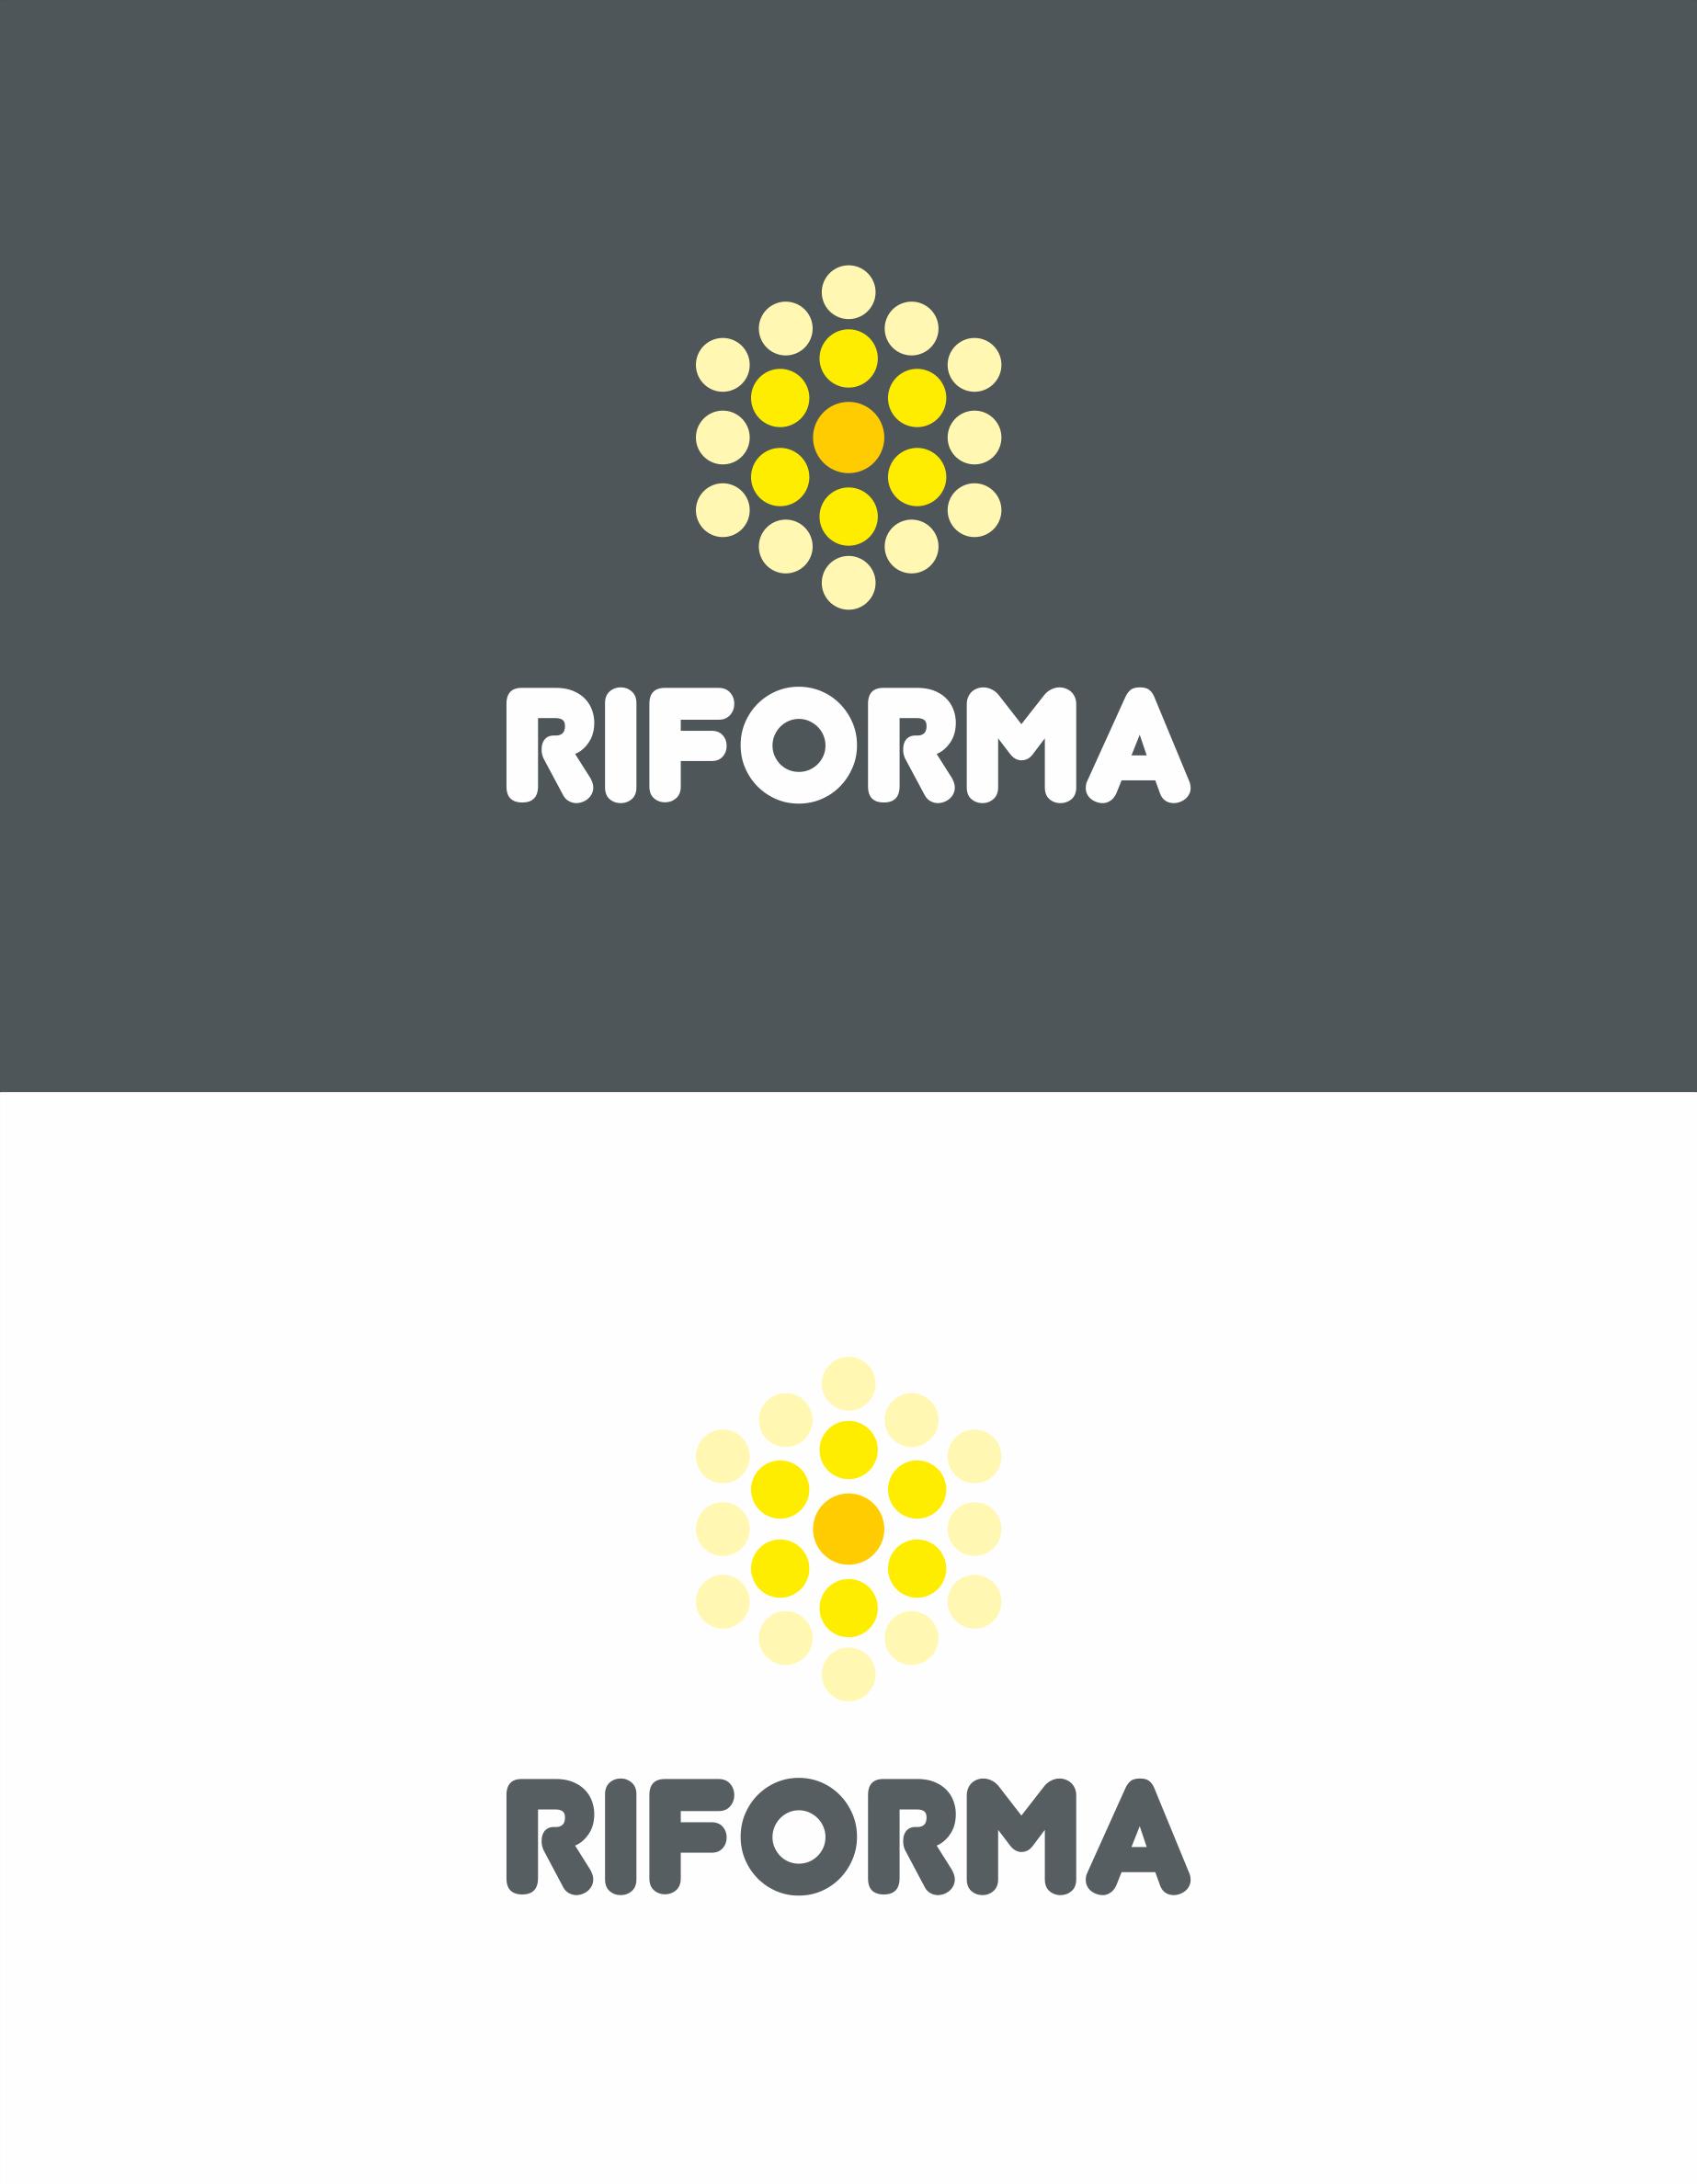 Разработка логотипа и элементов фирменного стиля фото f_436579b92f7032c4.png